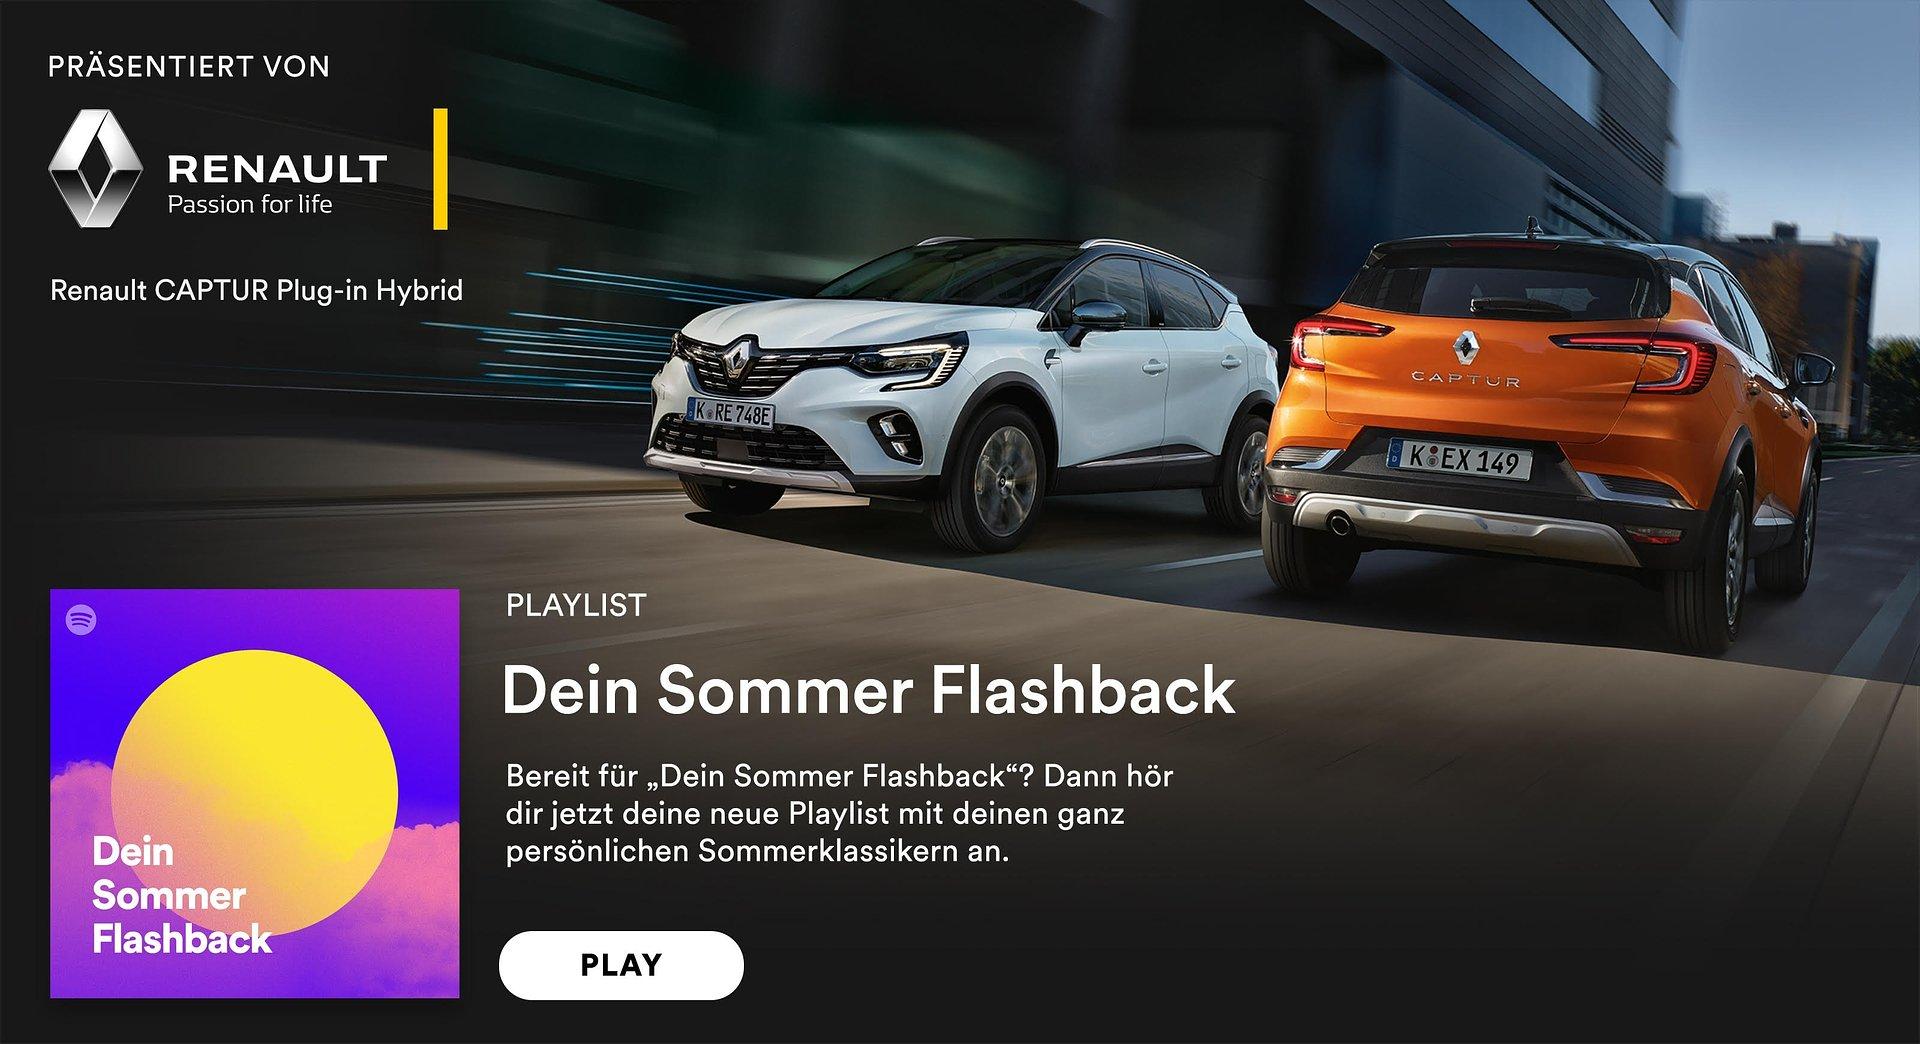 """Renault ist Sponsor der            """"Dein Sommer Flashback"""" Playlist"""